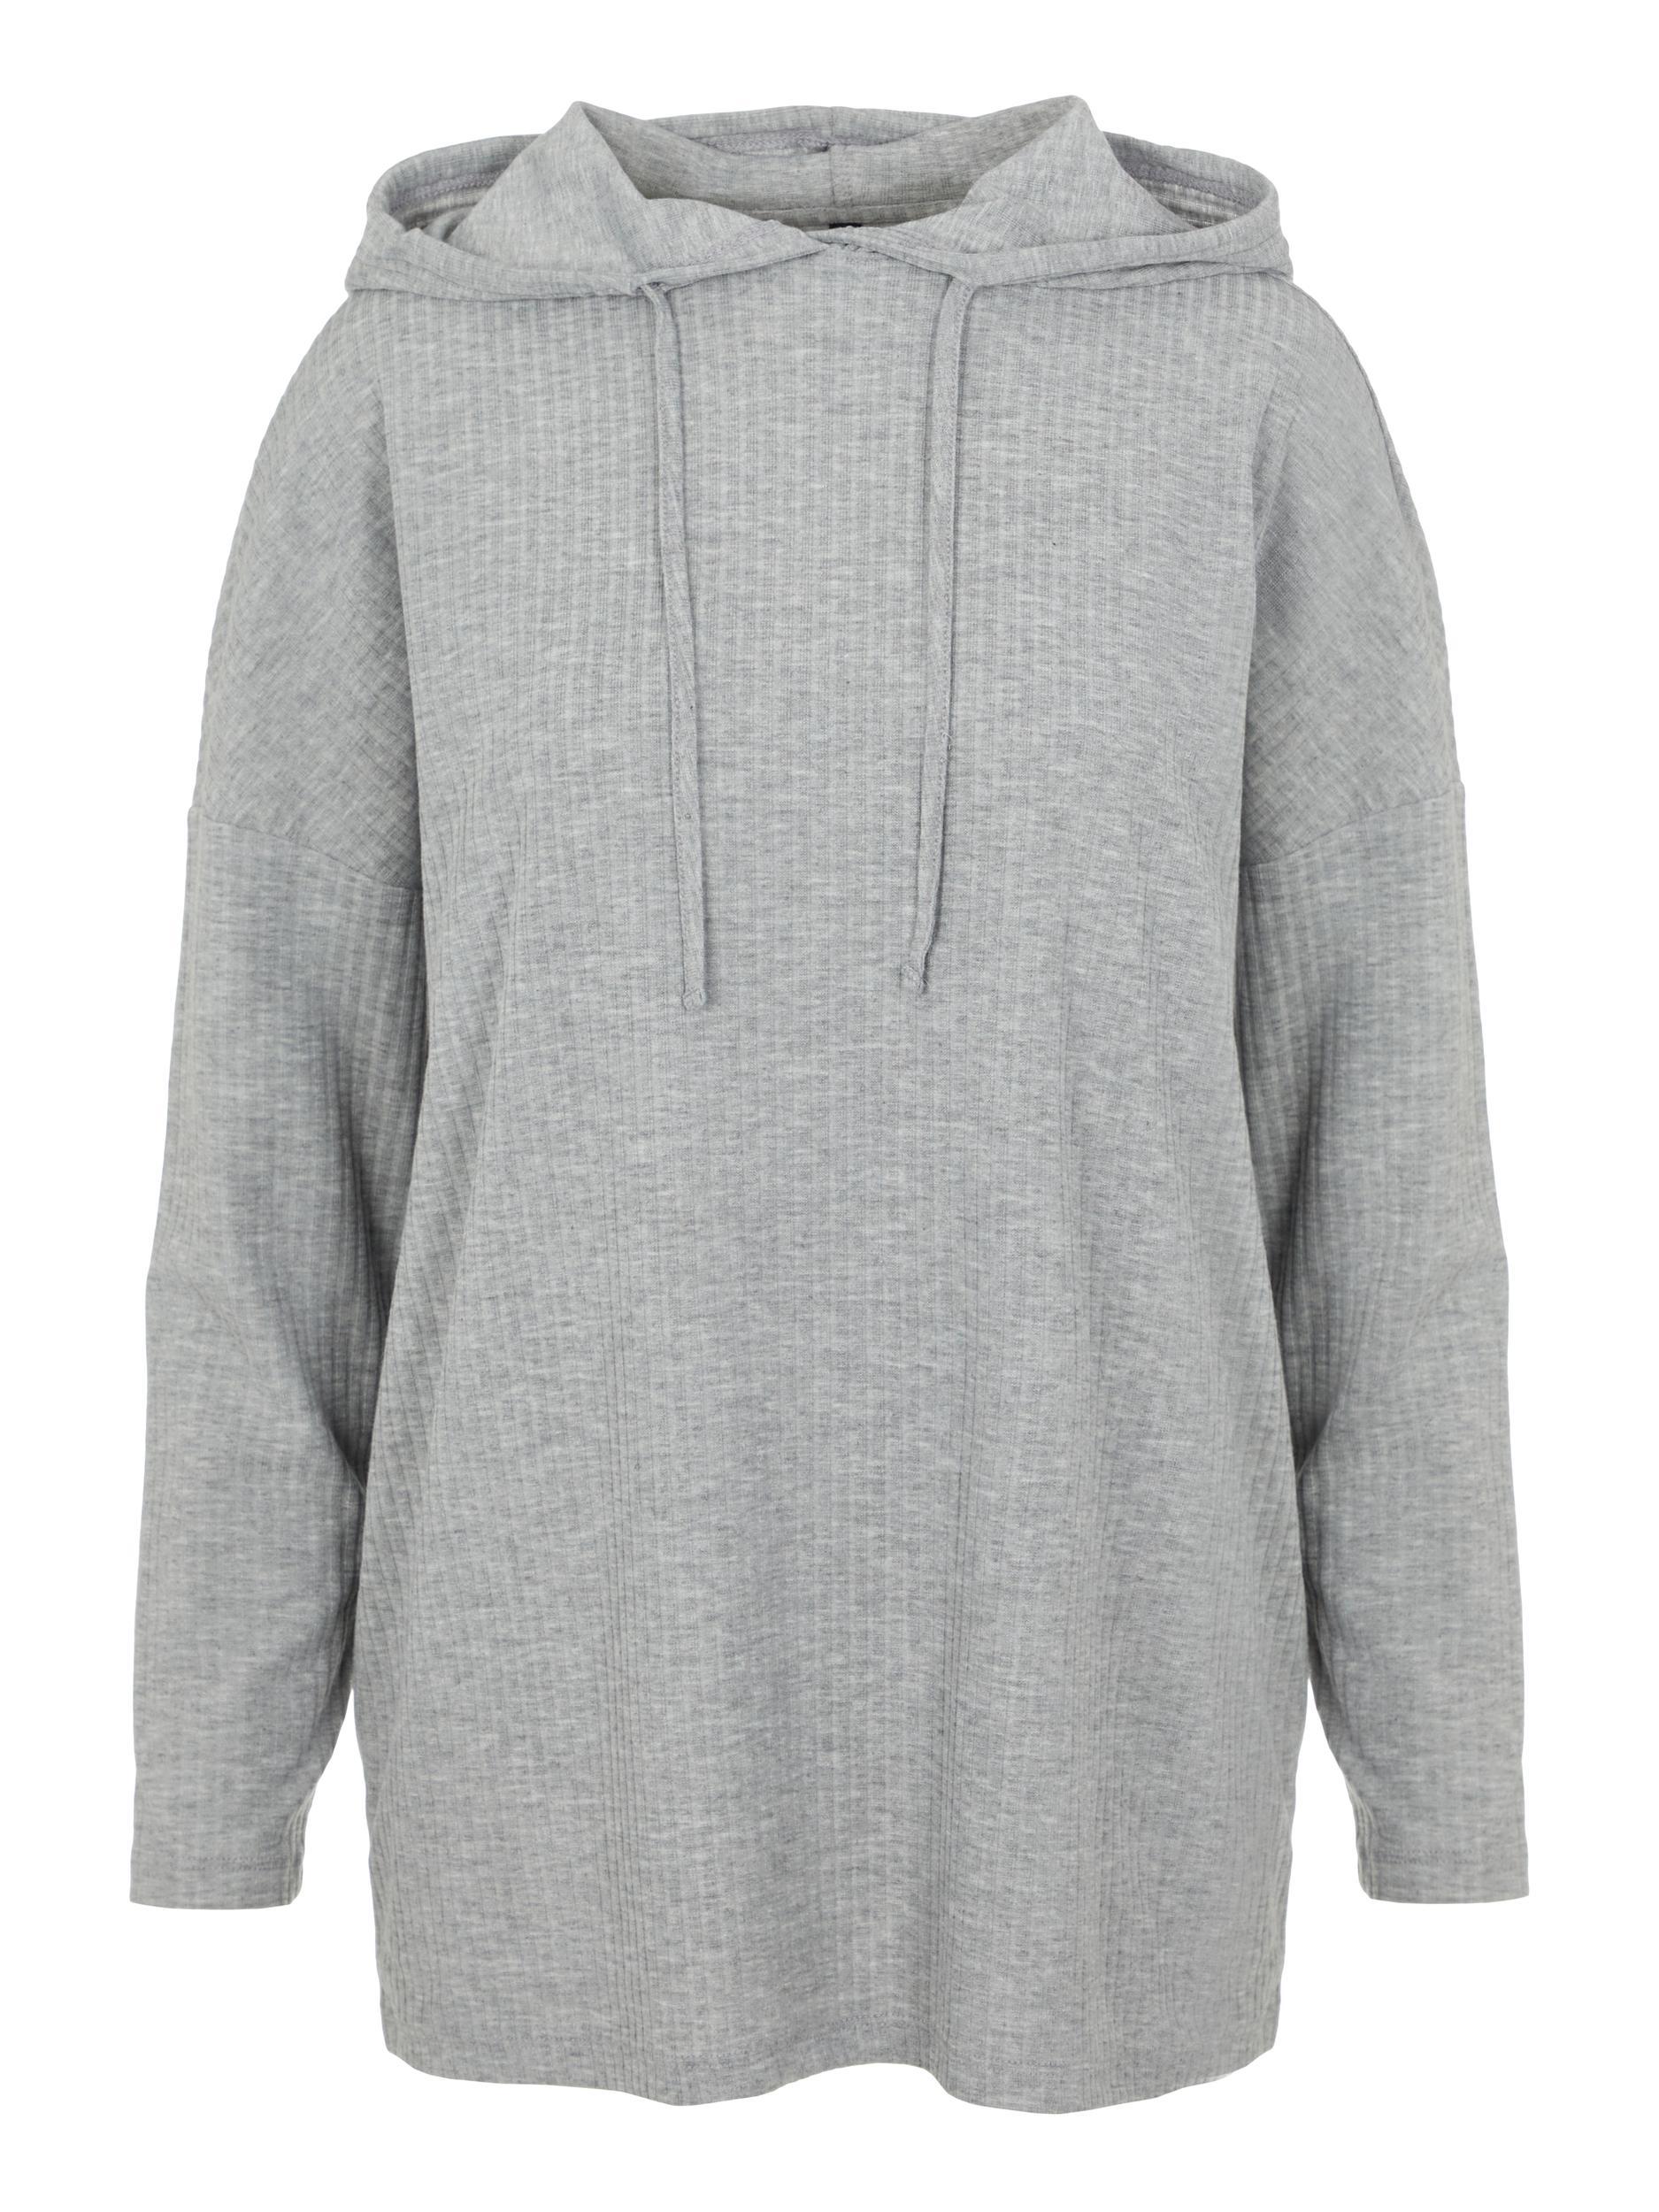 Pieces Ribbi hættetrøje, Light Grey Melange, M